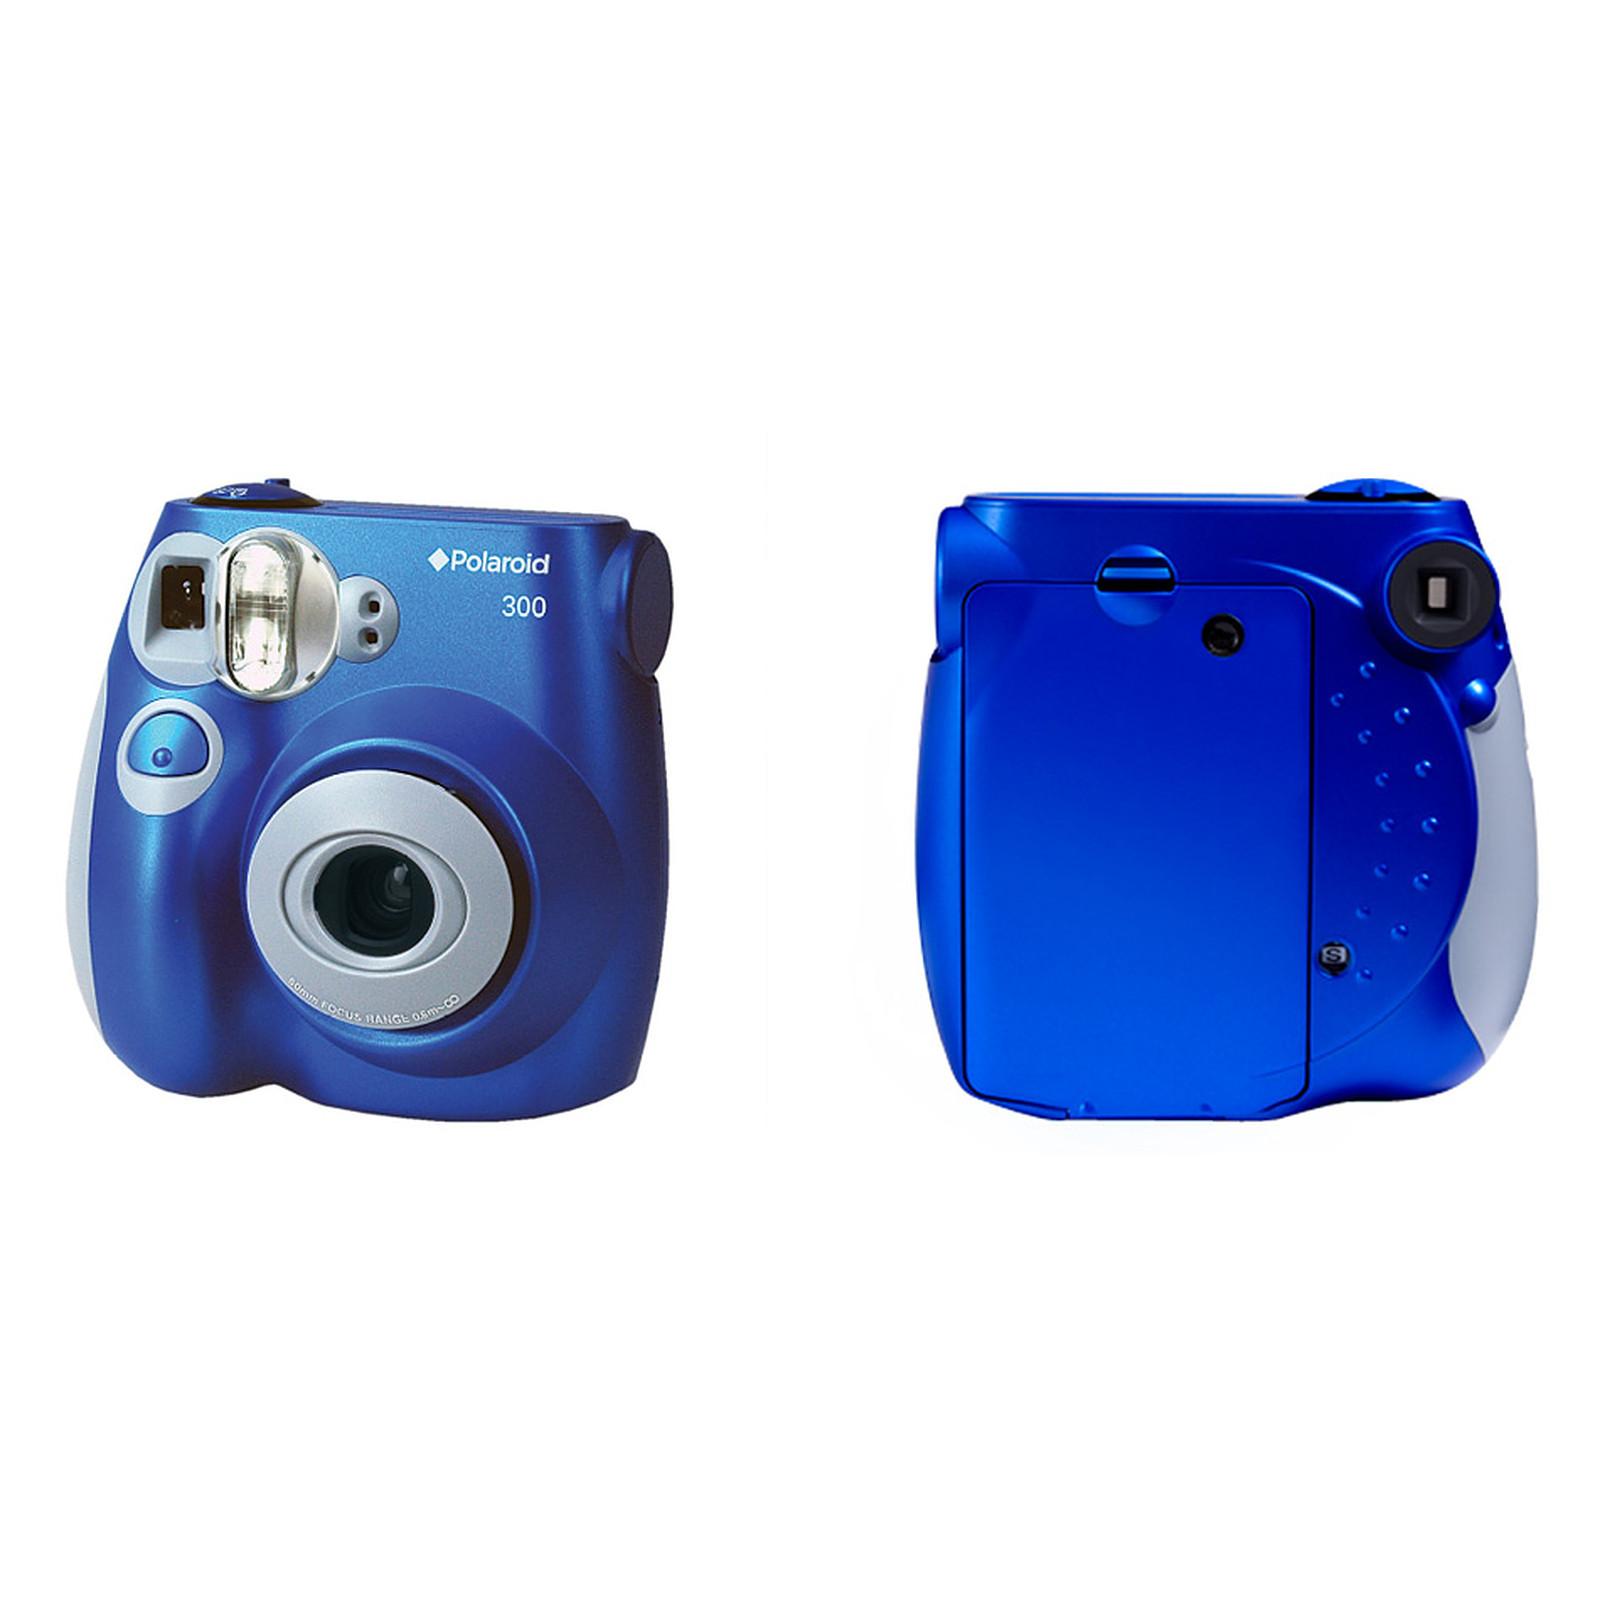 348dd1112ab1a Polaroid PIC 300 Bleu - Appareil photo numérique Polaroid sur LDLC.com